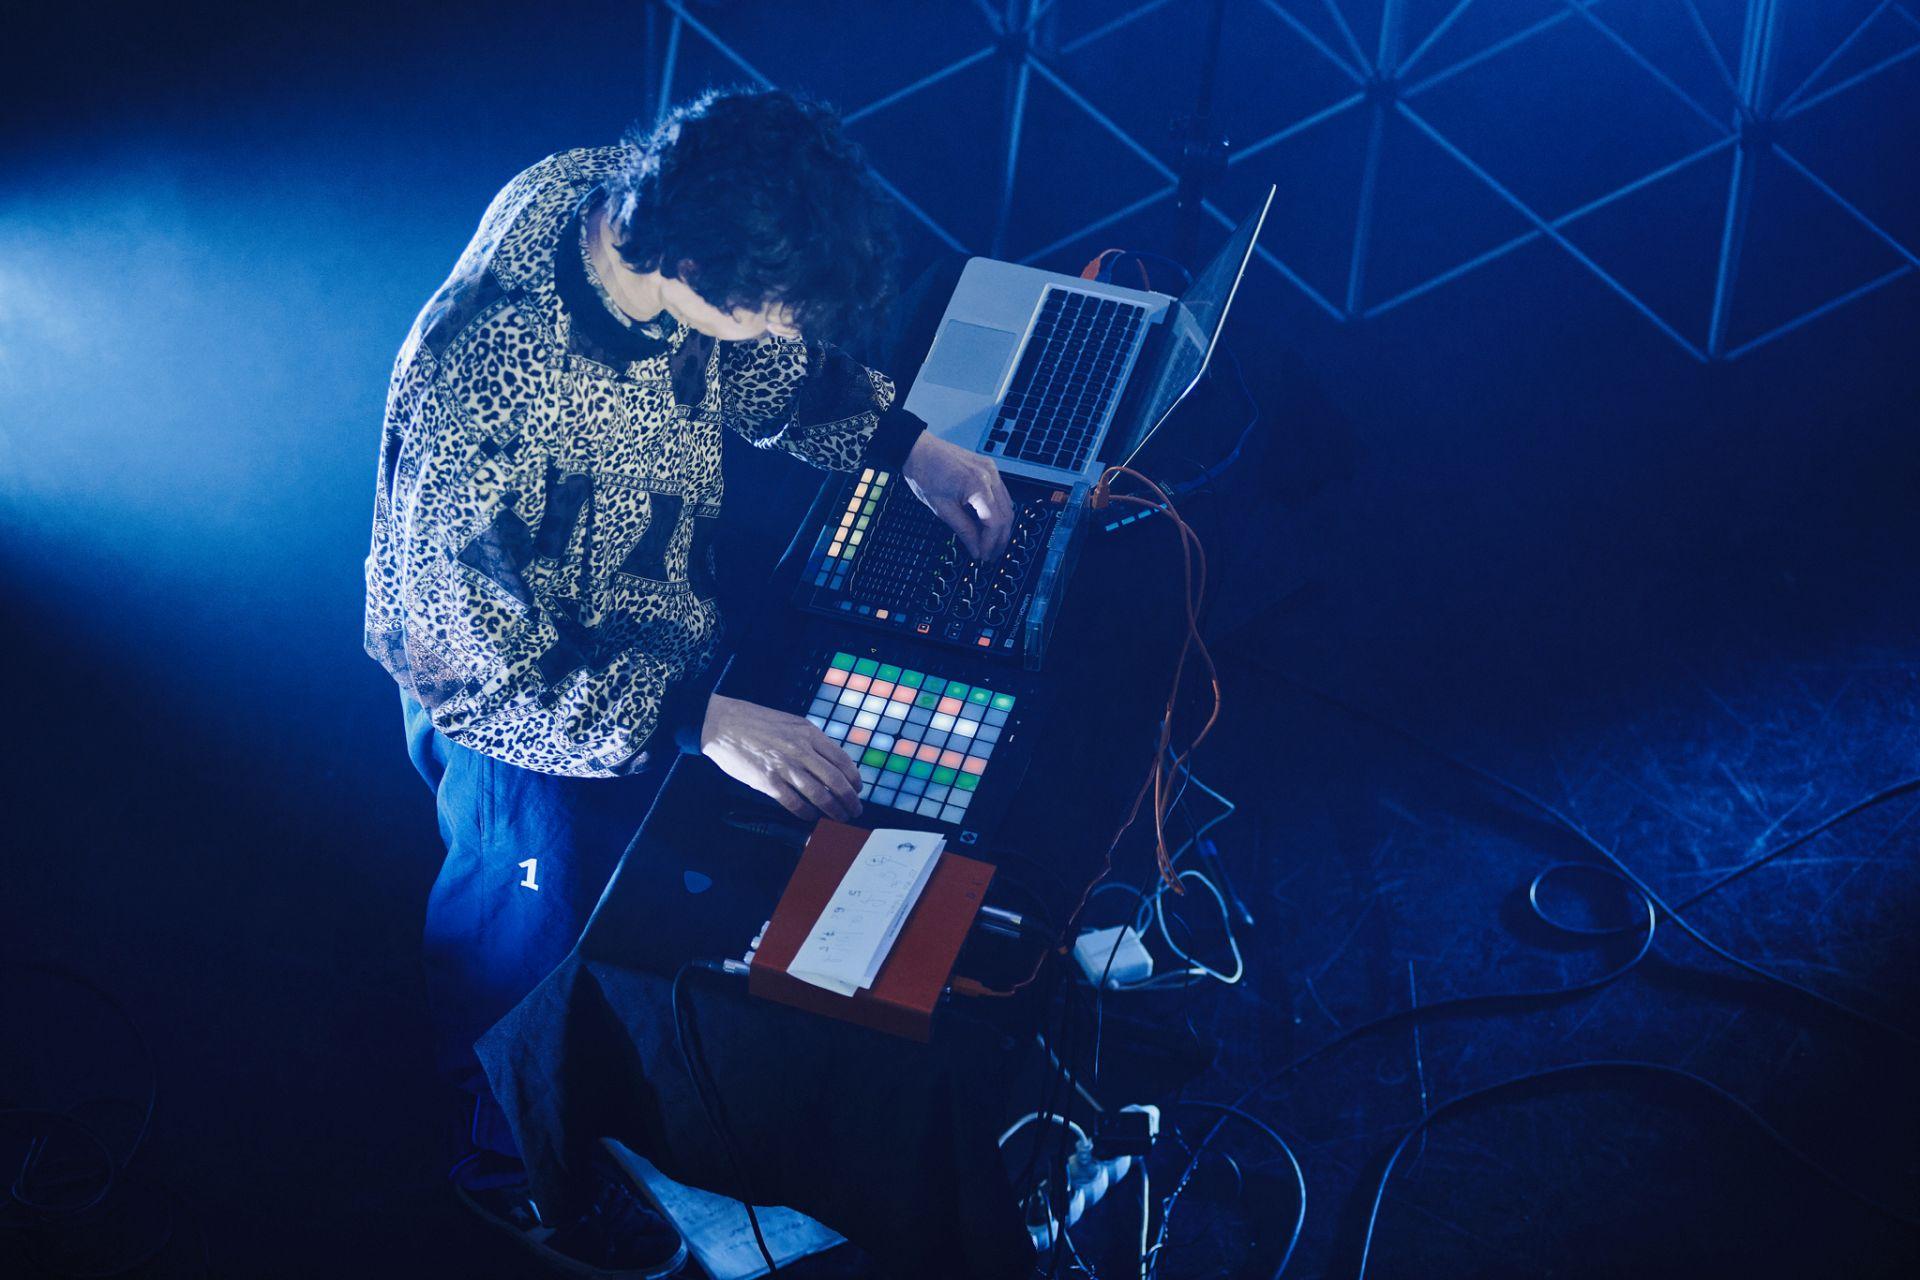 widok z góry na mężczyznę przy stole zastawiony sprzętem elektroniczym. kolorowe diody, komputer, dużo kabli